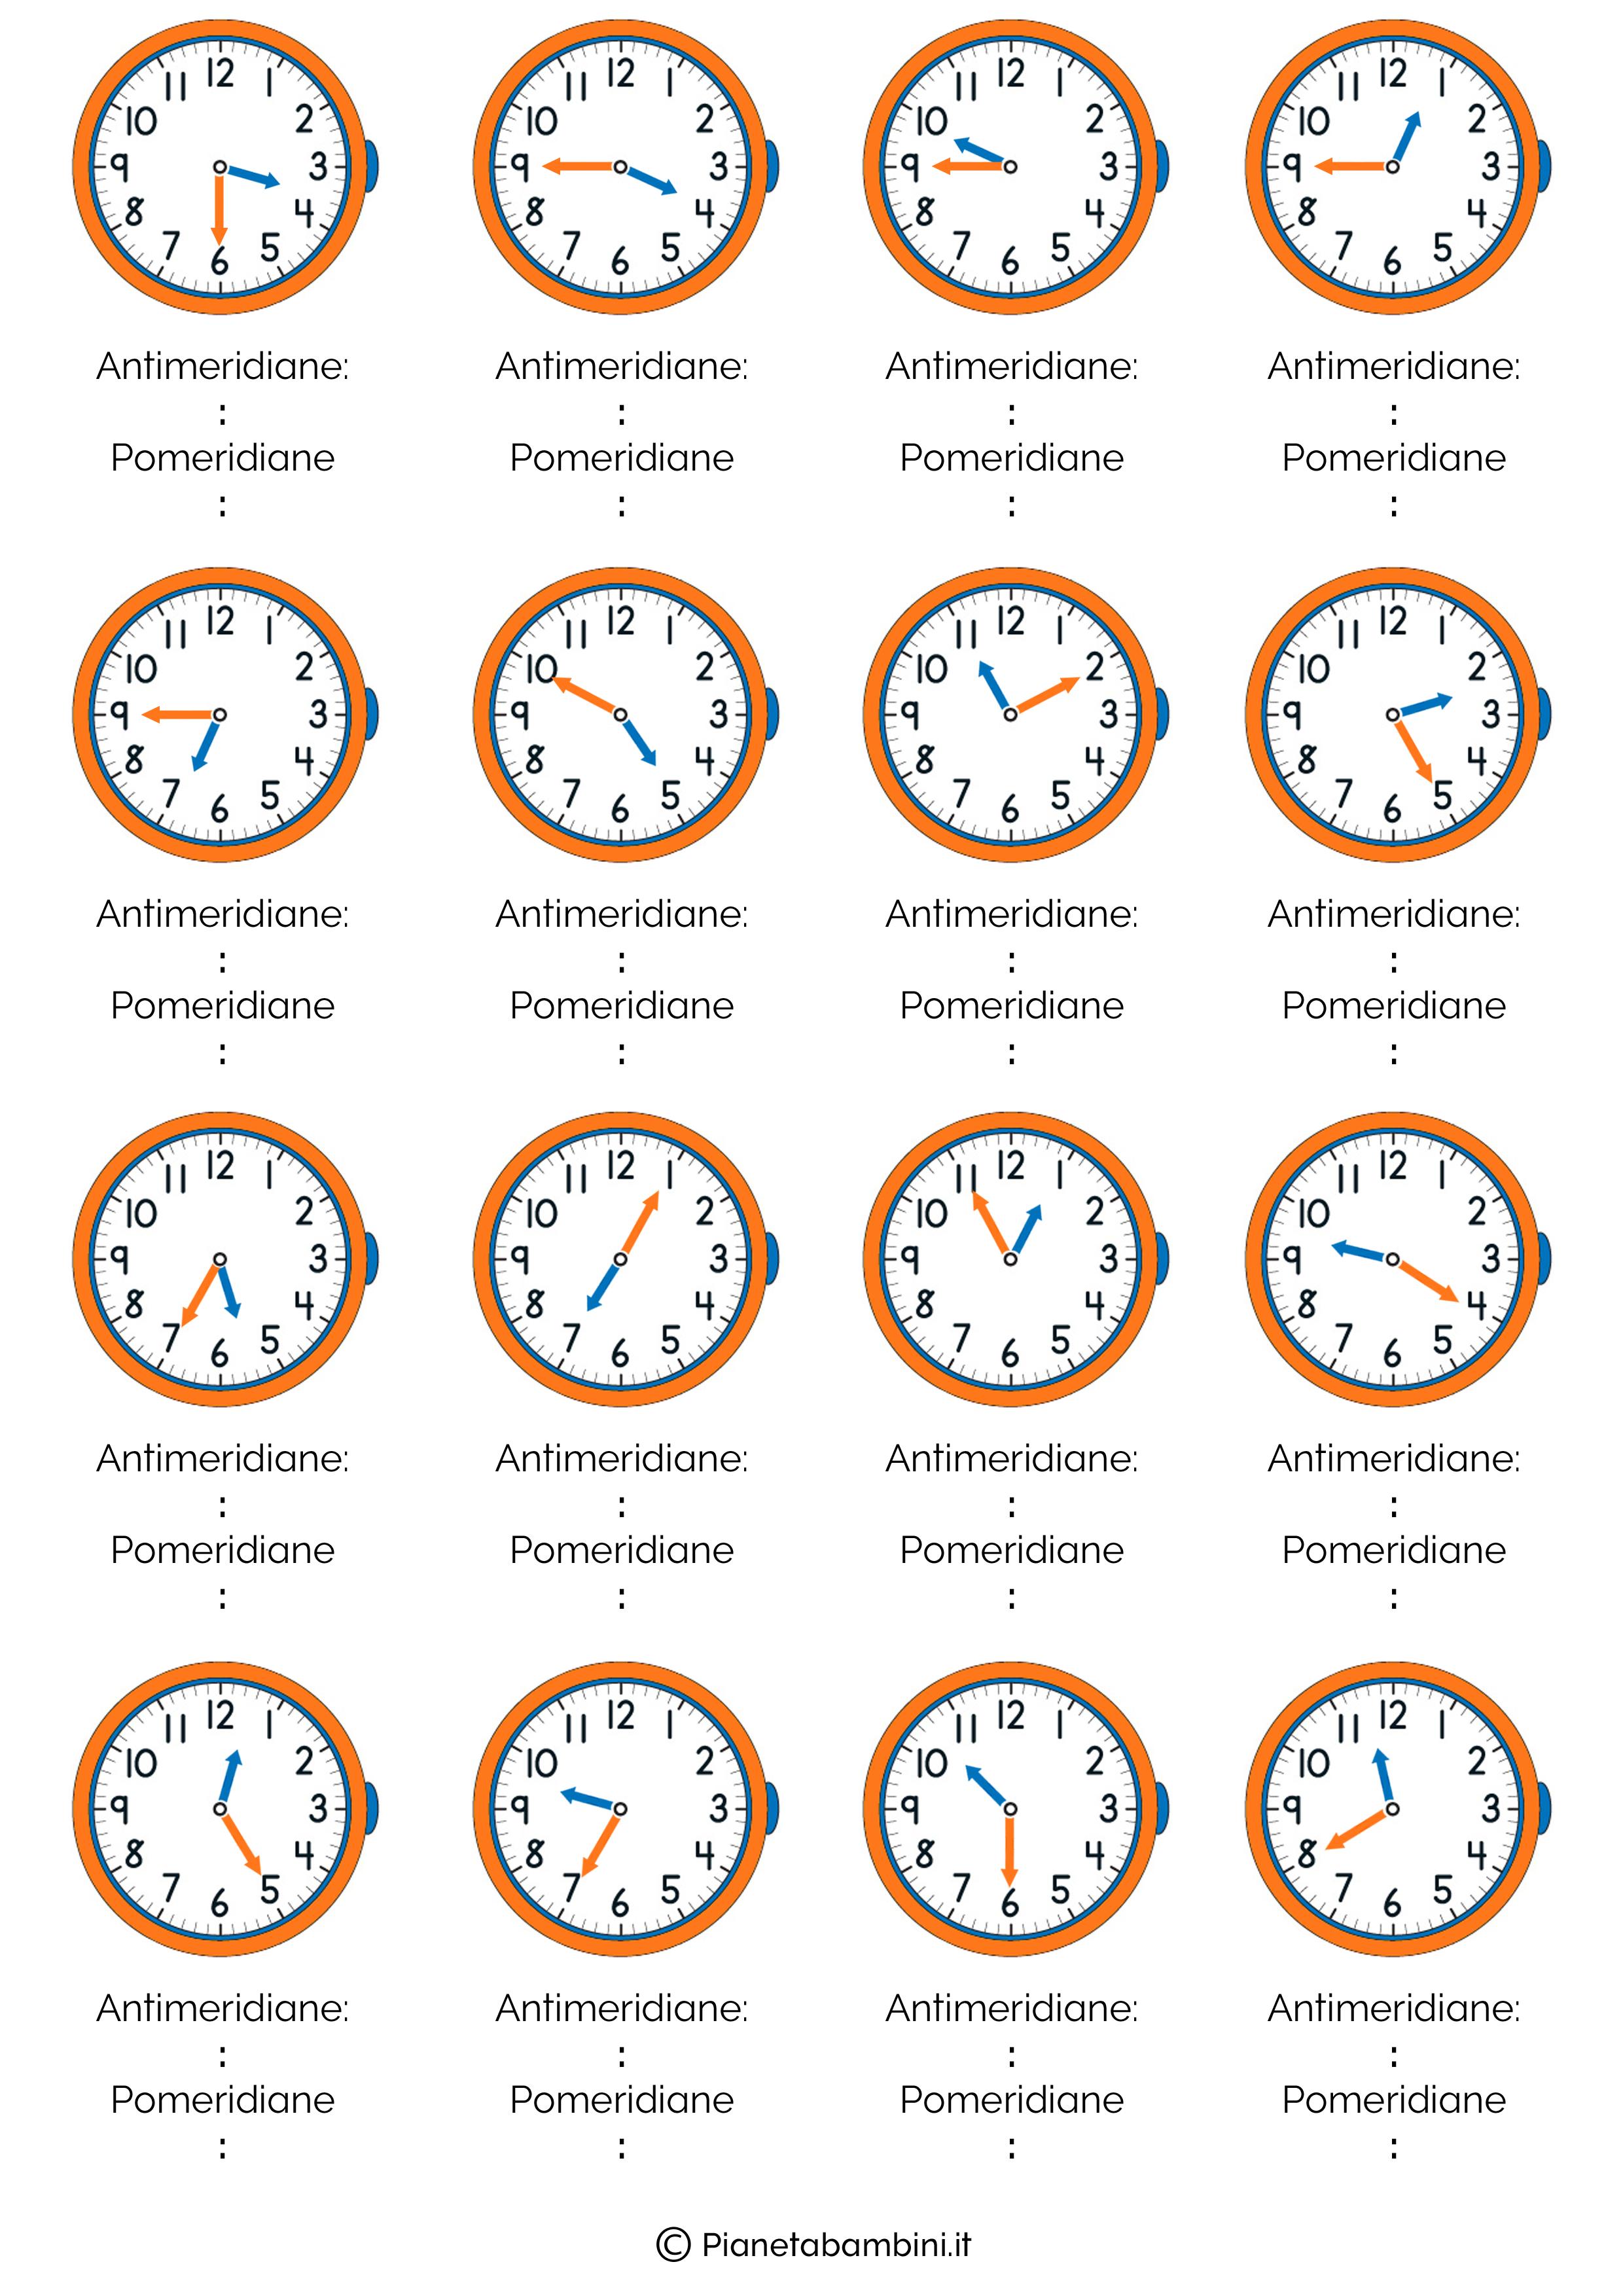 Favoloso Imparare a Leggere l'Orologio: Schede Didattiche ed Esercizi  RM79